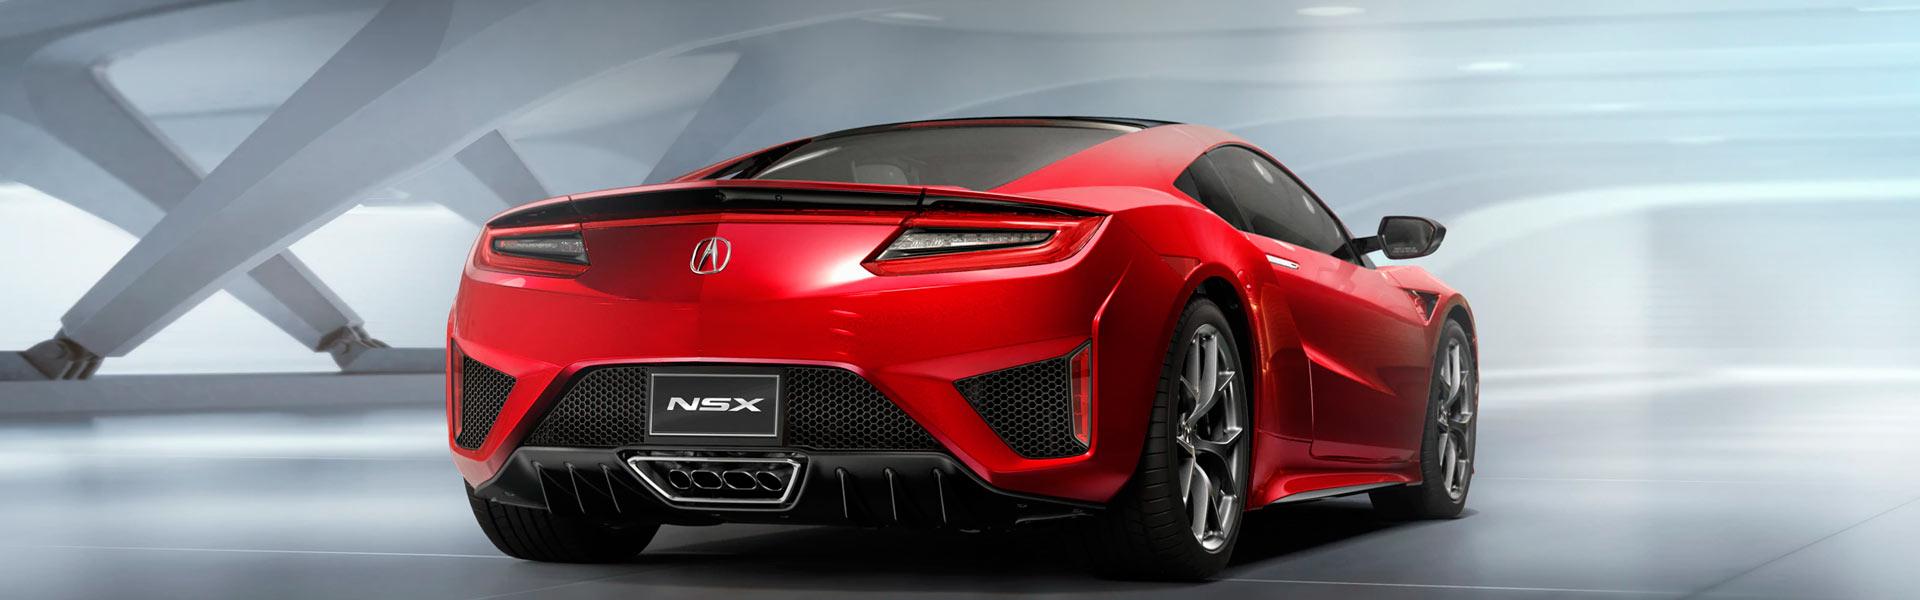 Замена гидроусилителя Acura